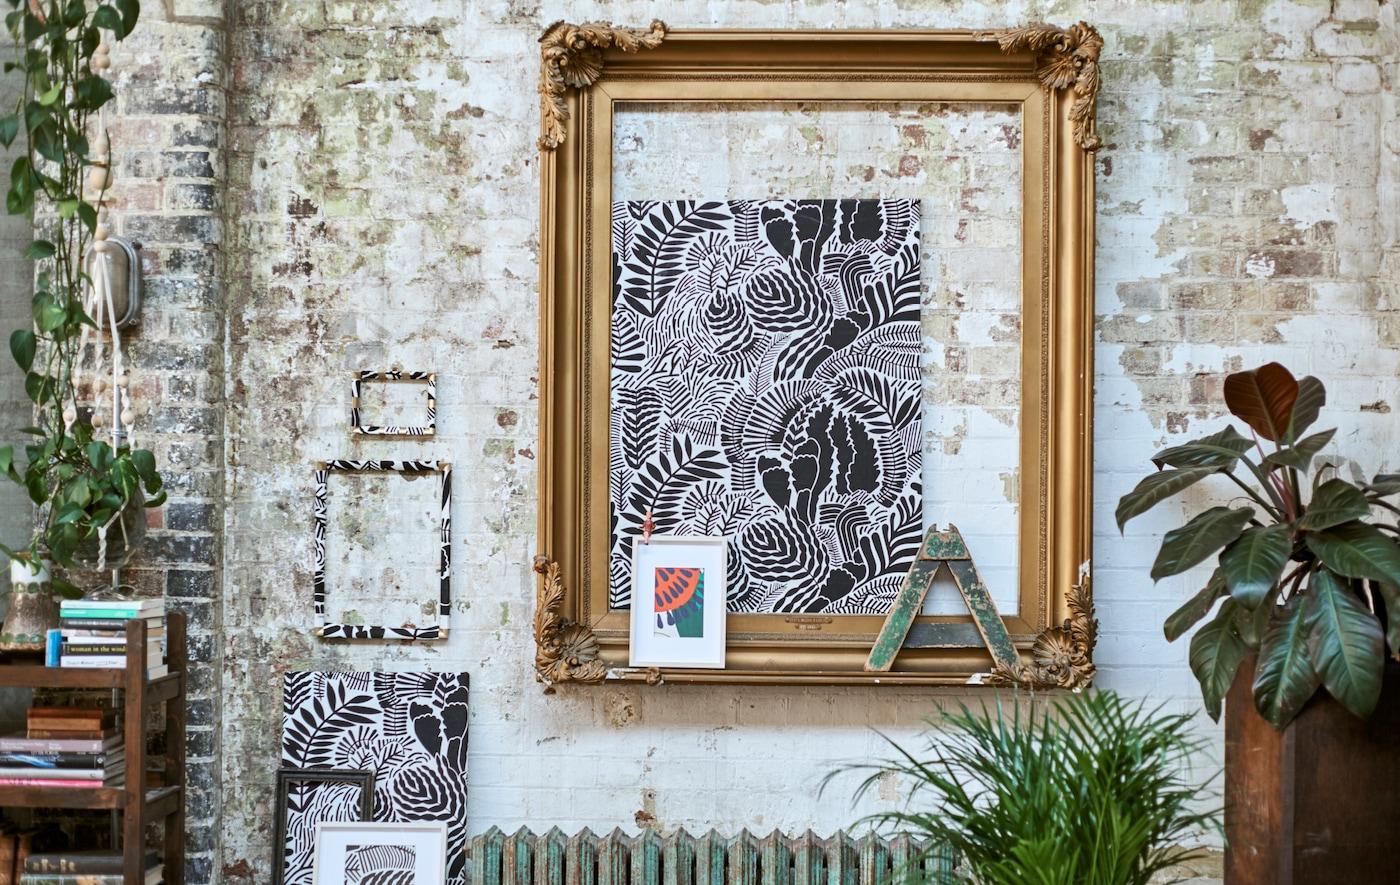 砖墙上展示着饰有图案的装裱布料,如同美丽的画廊一般,此外还有大号的金色画框、垂吊植物和矮书柜。